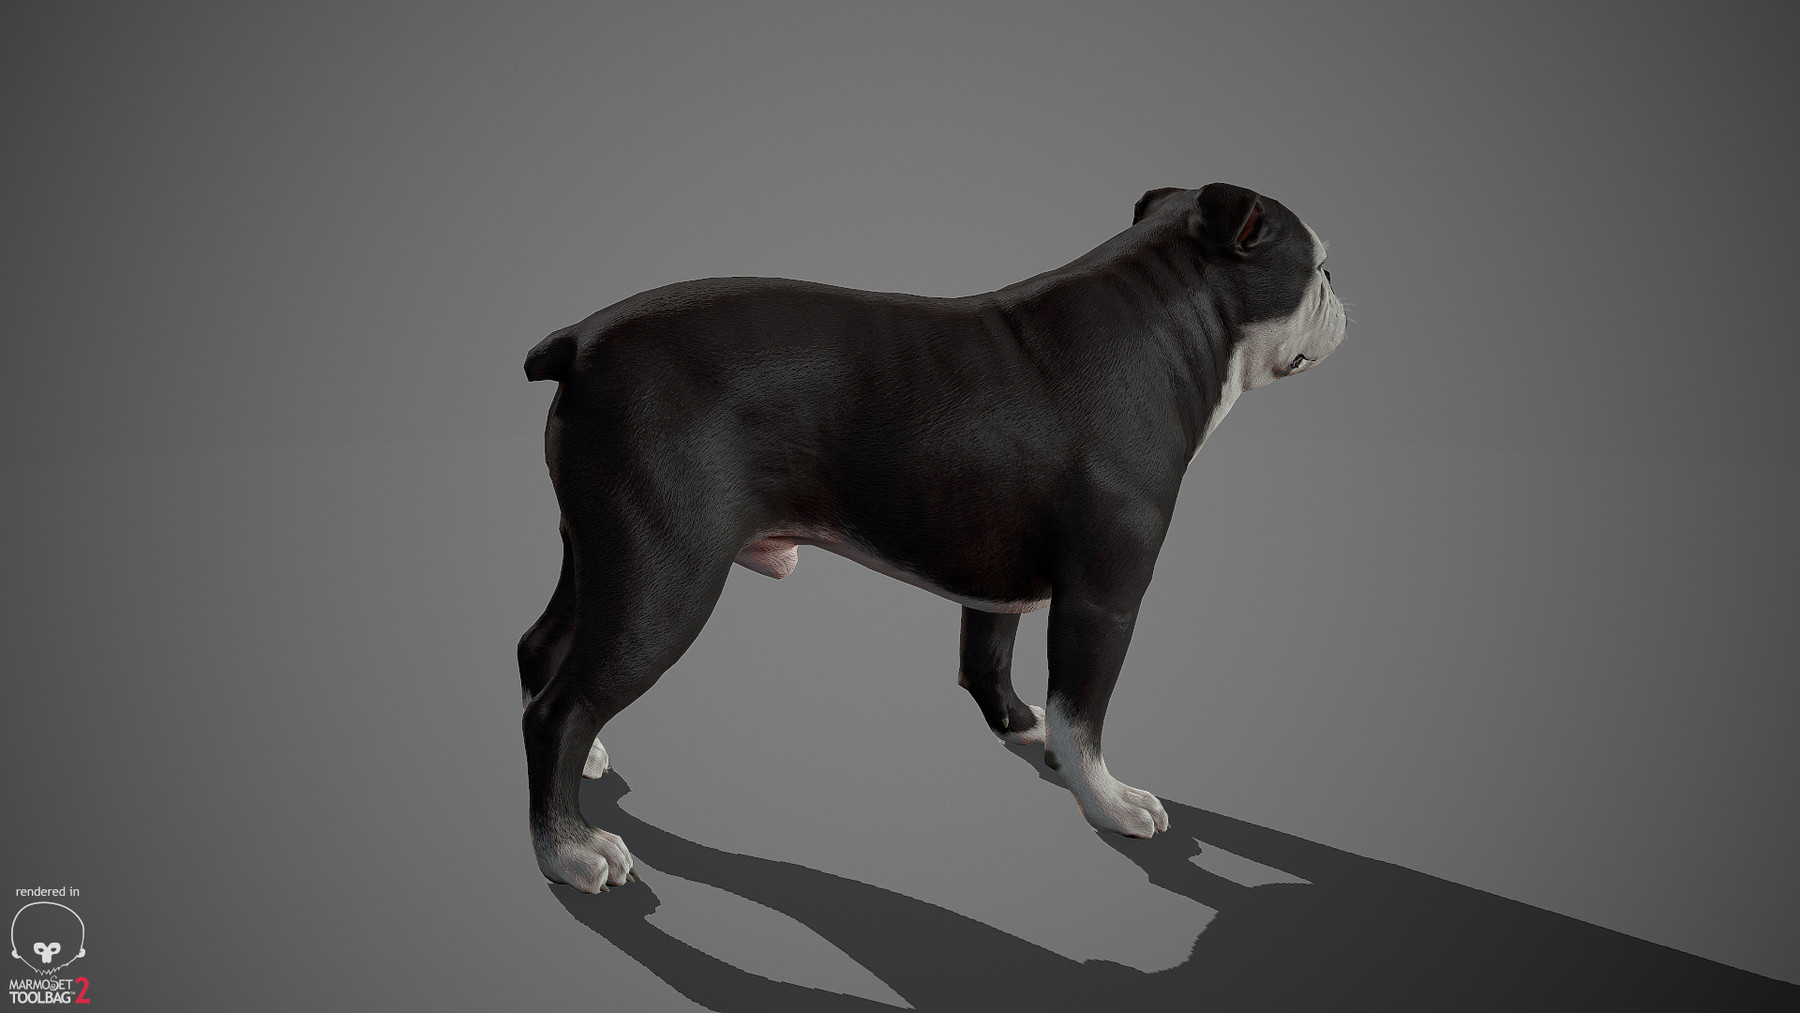 Englishbulldog by alexlashko marmoset 14